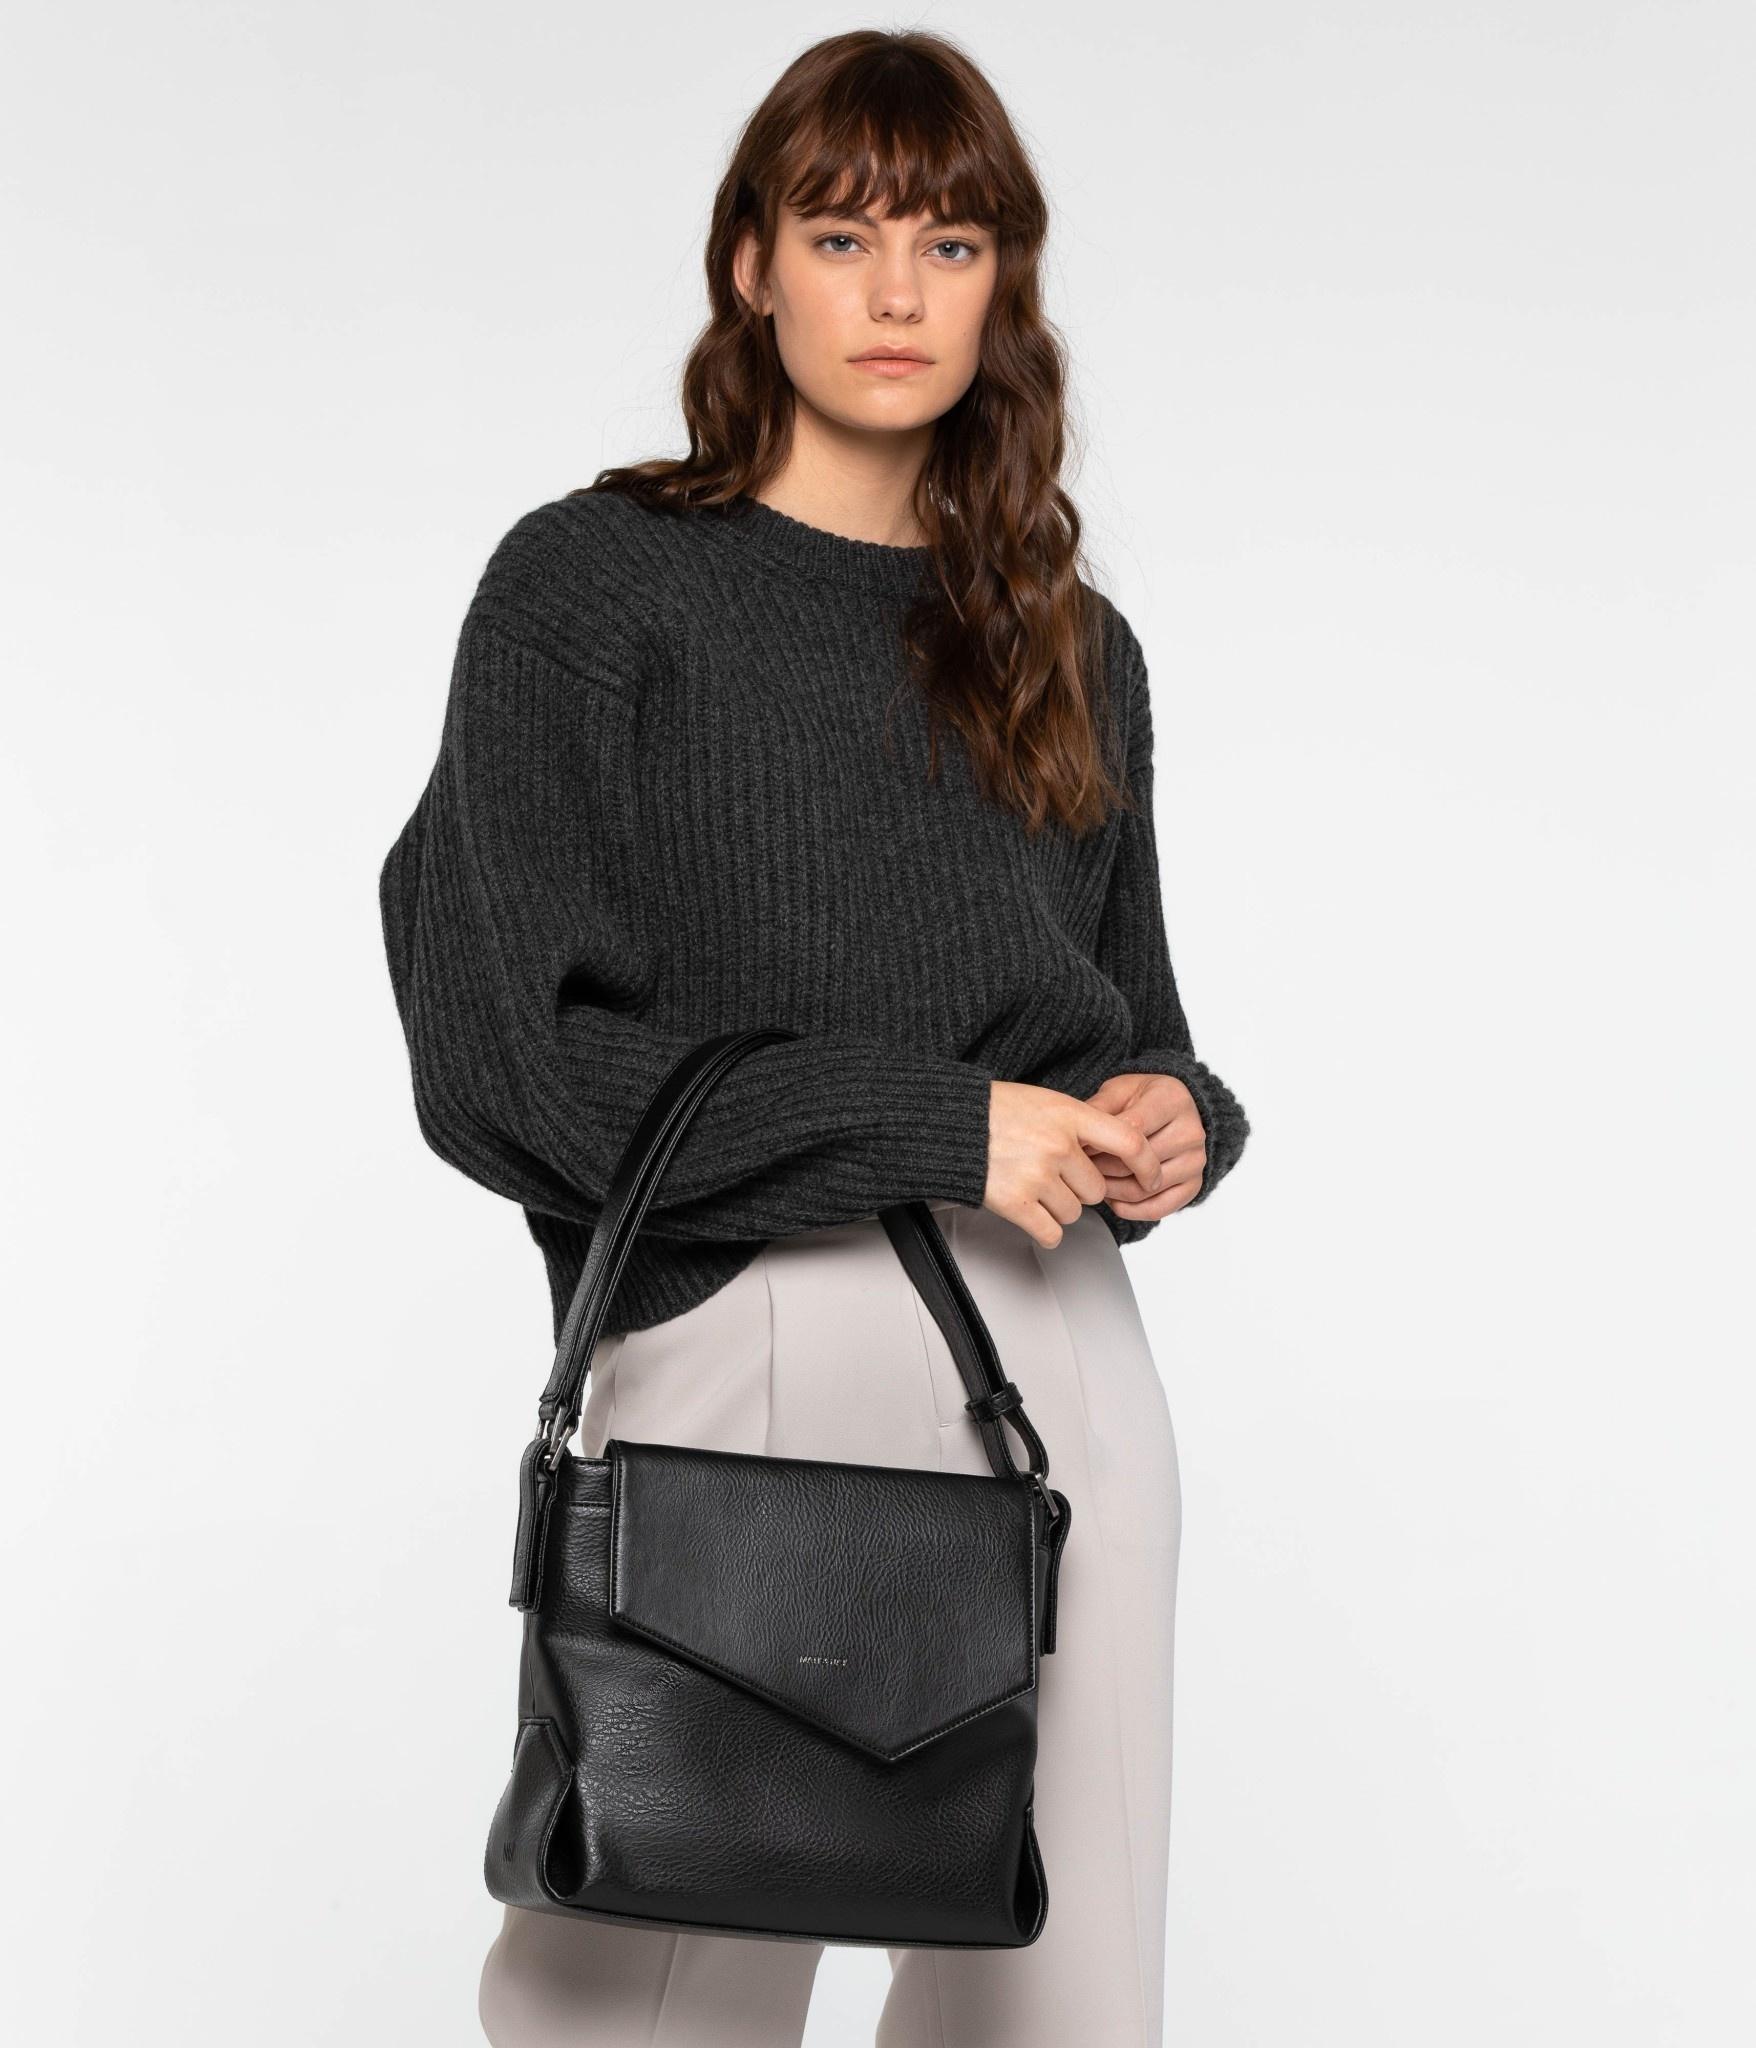 Monkland Dwell Handbag Brown-2